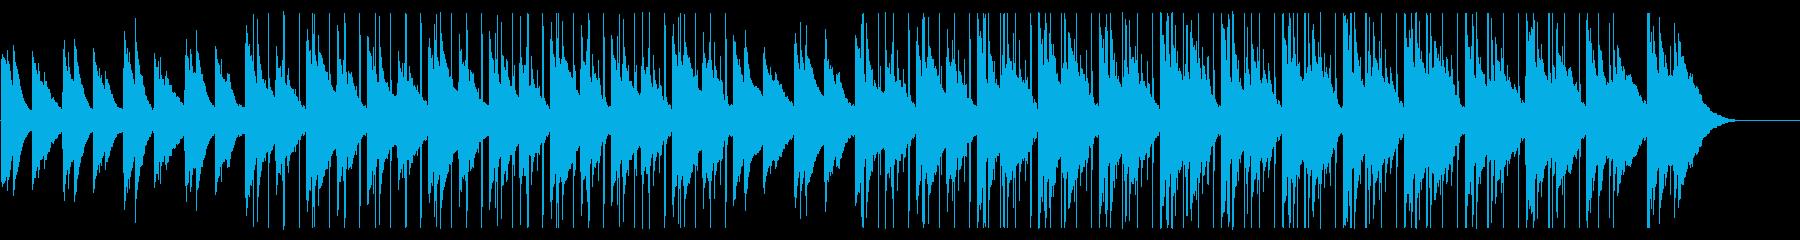 【キック抜き】エレピとギターのメロウな曲の再生済みの波形